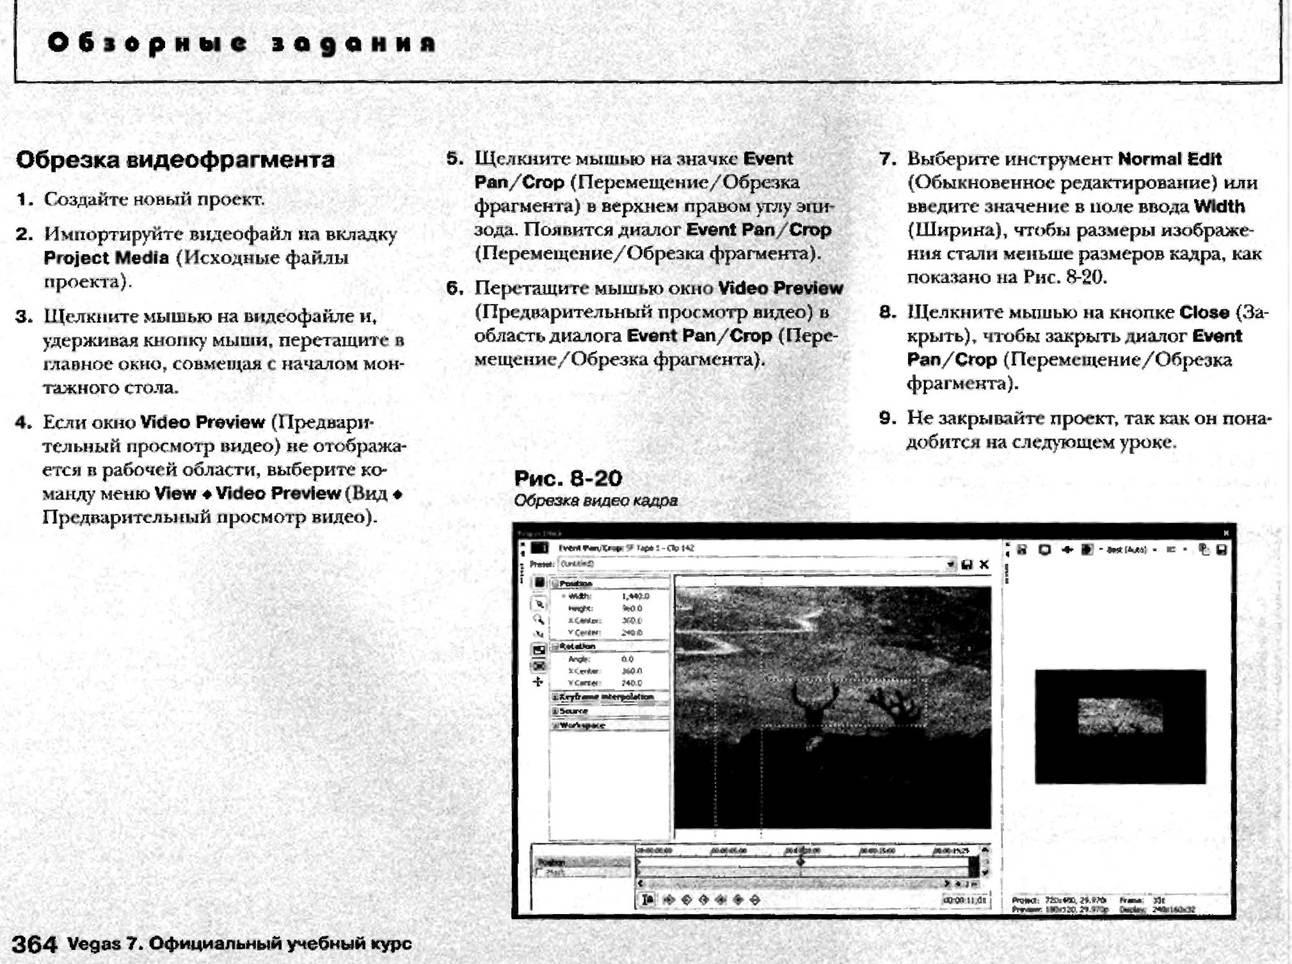 http://redaktori-uroki.3dn.ru/_ph/12/760203802.jpg